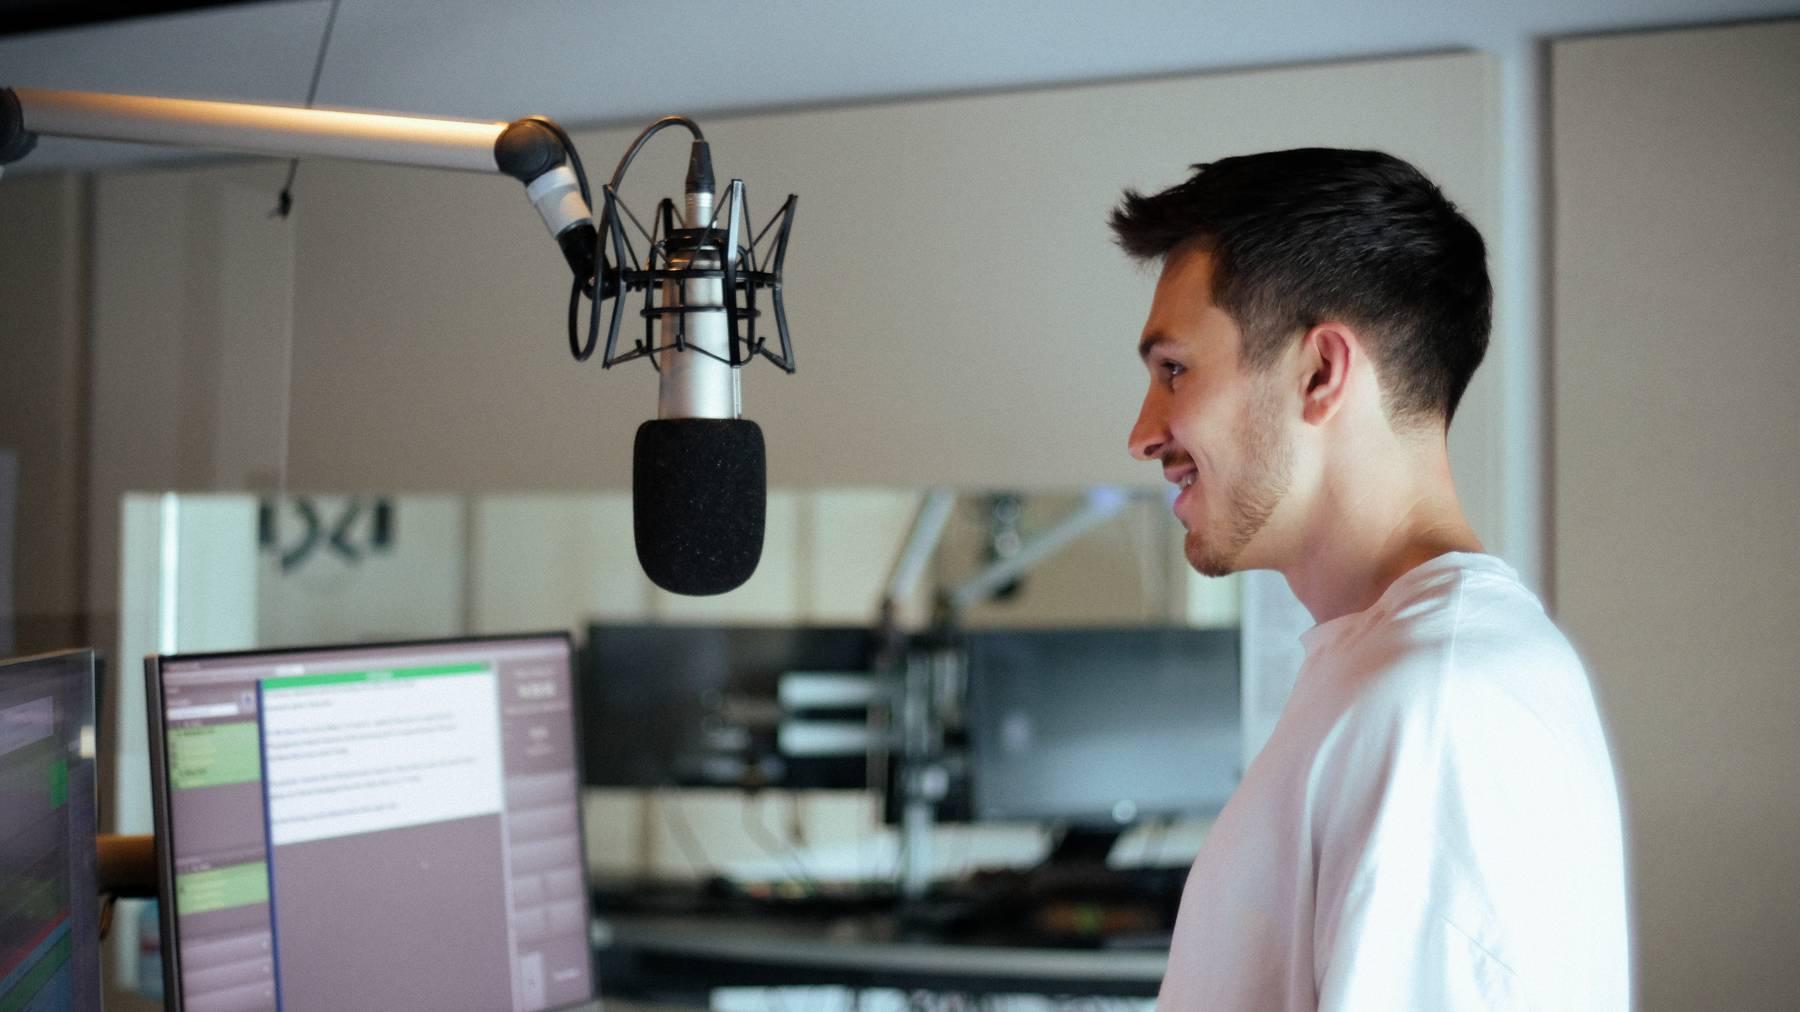 Hockeyspieler beim Radio 32